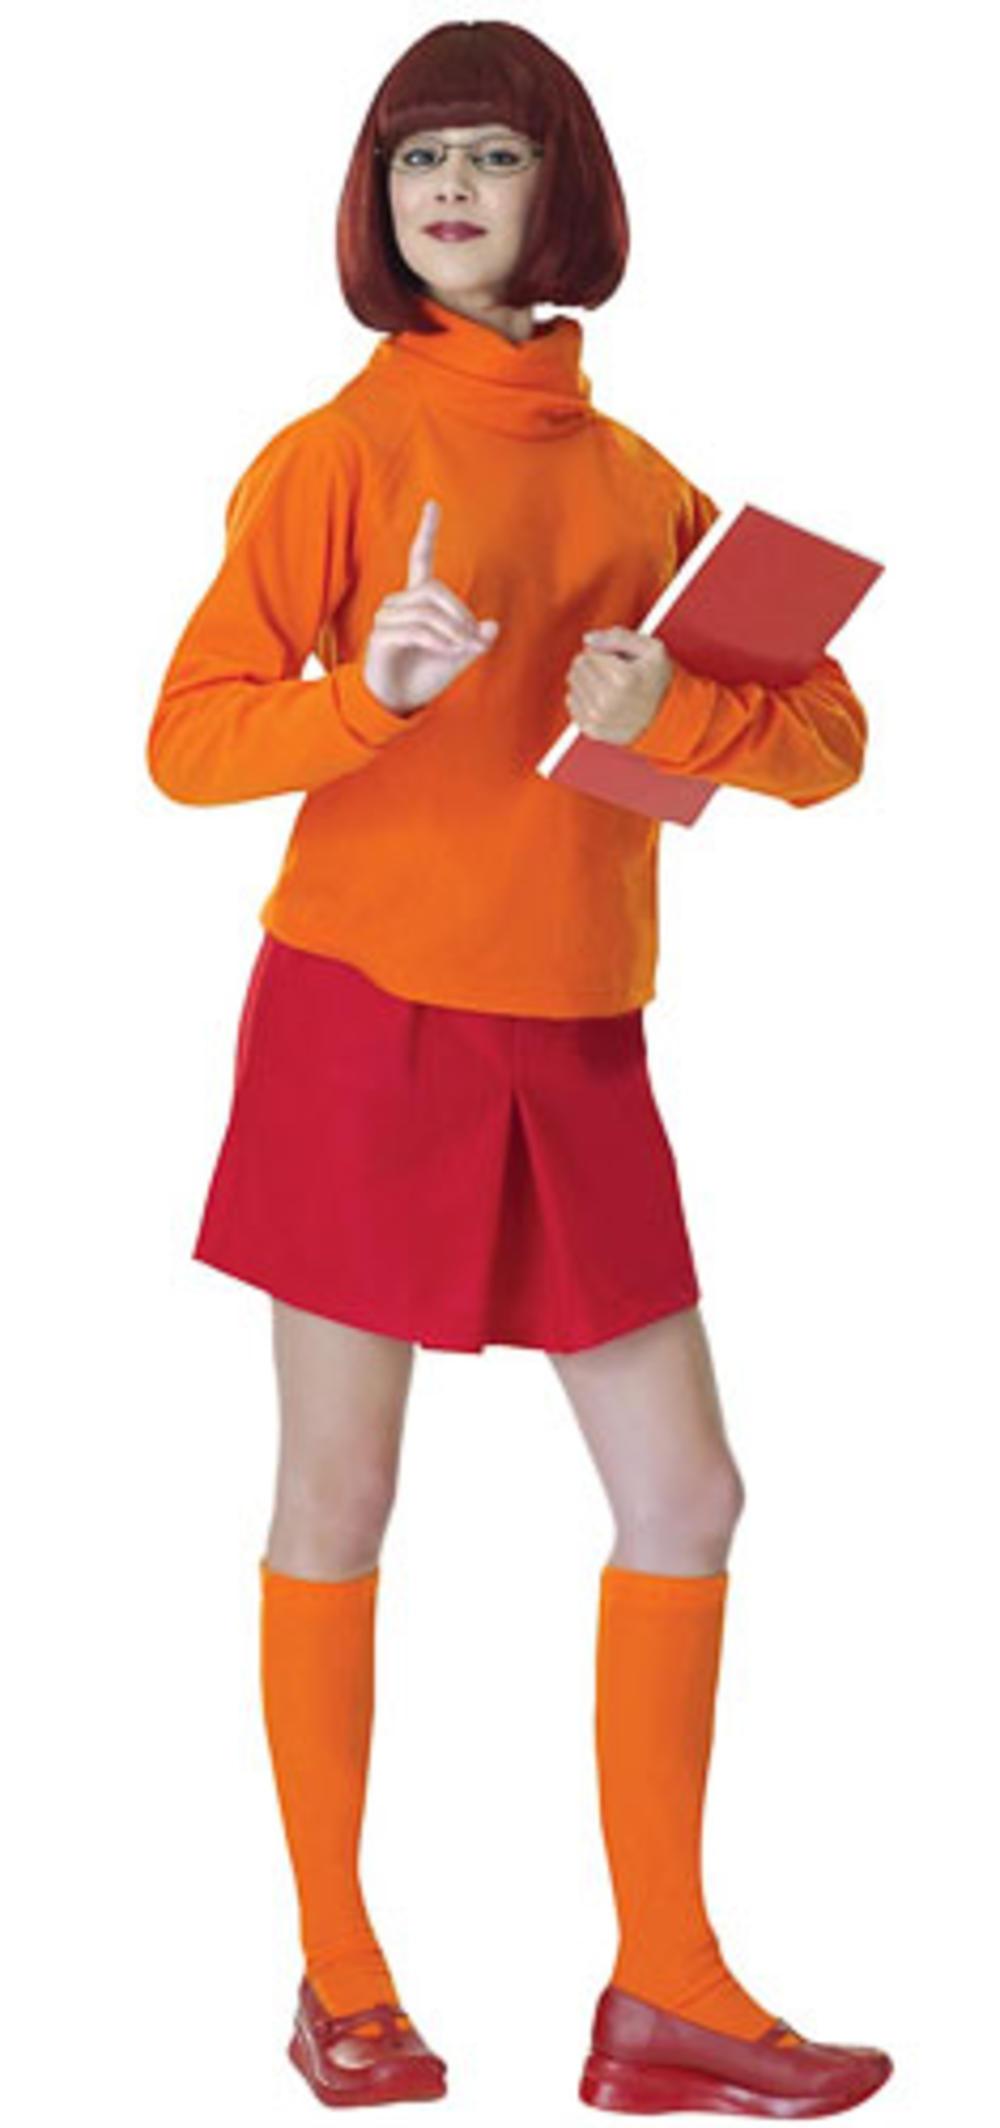 Velma Scooby Doo Costume & wig